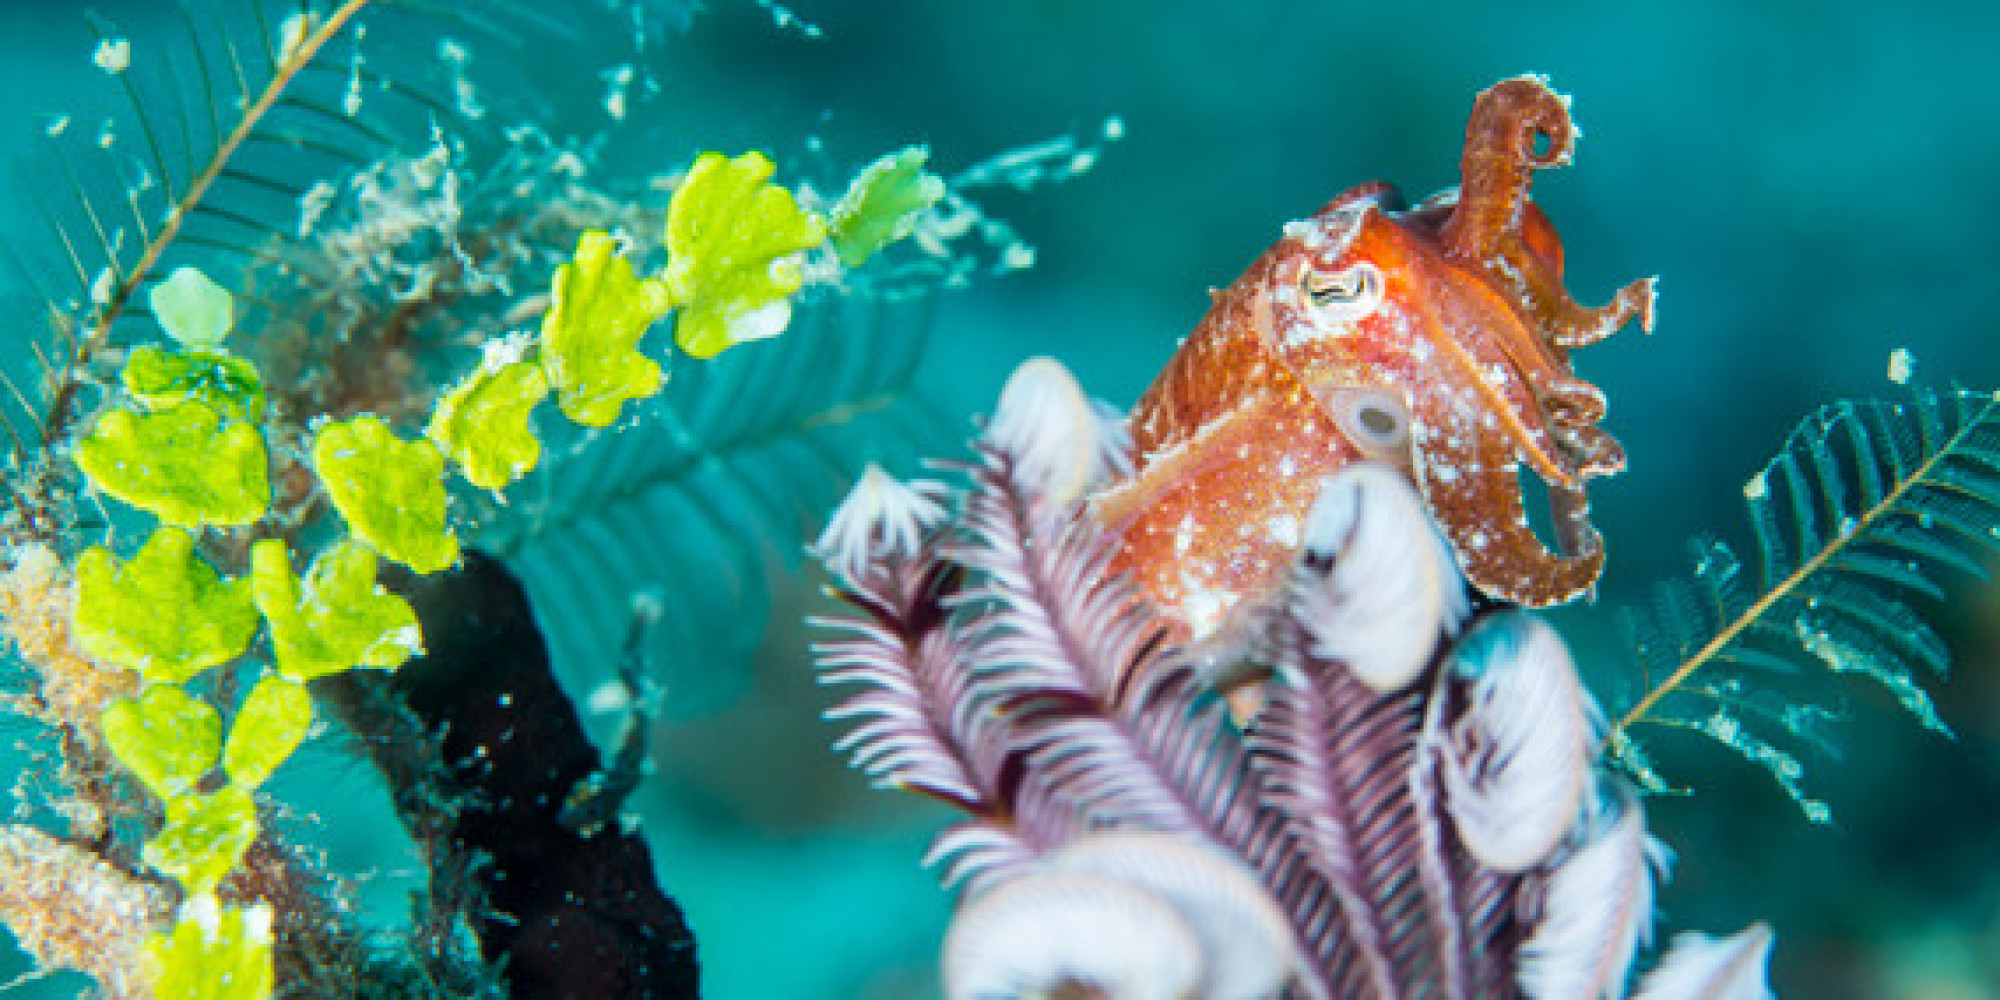 コブシメの目は口ほどに物言わぬ シェア ツイート  パプアニューギニア・ 古見きゅう 連載第9弾